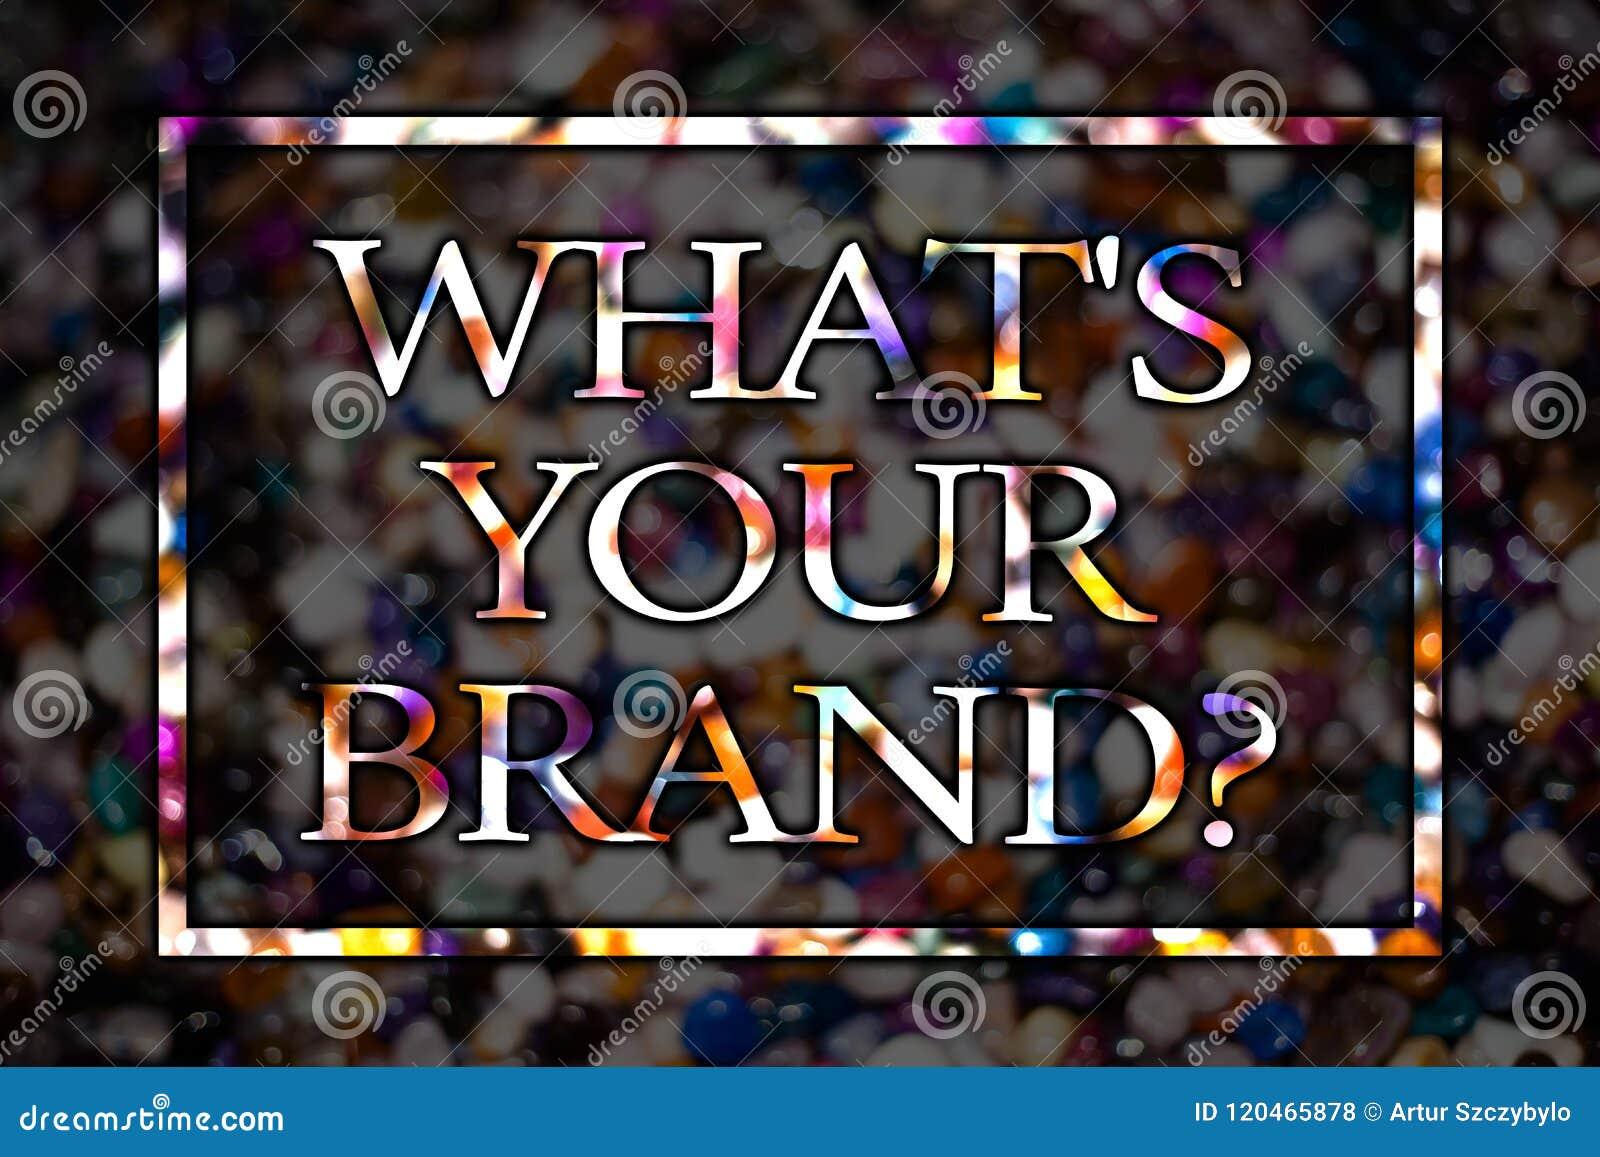 发短信给标志陈列什么S您的品牌问题 概念性照片询问口号或商标广告营销视图卡片messag